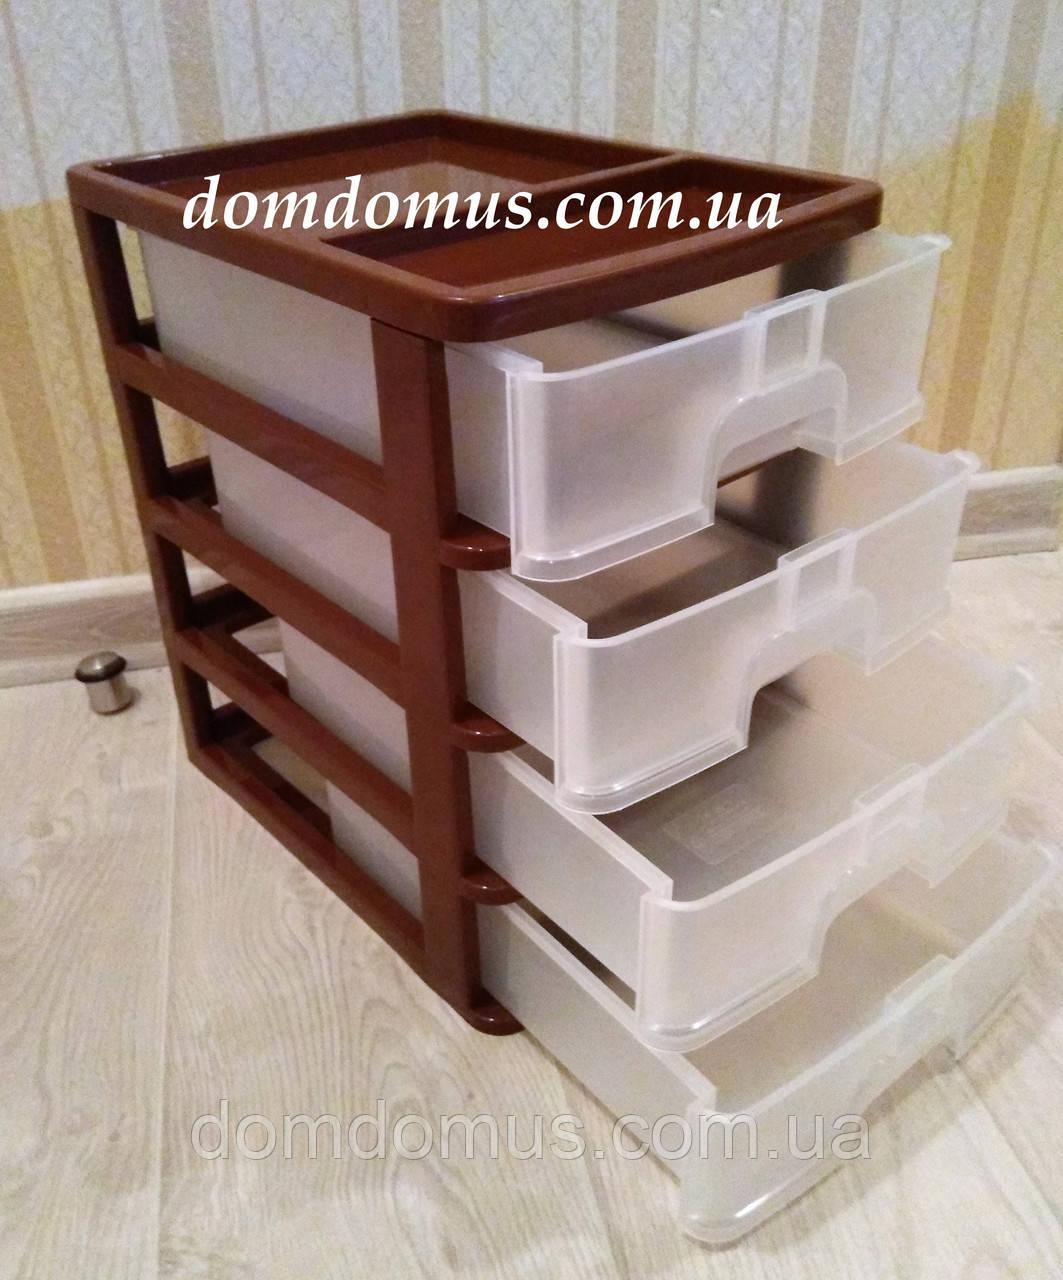 Комод міні настільний пластиковий 4 ящики, Україна, коричневий